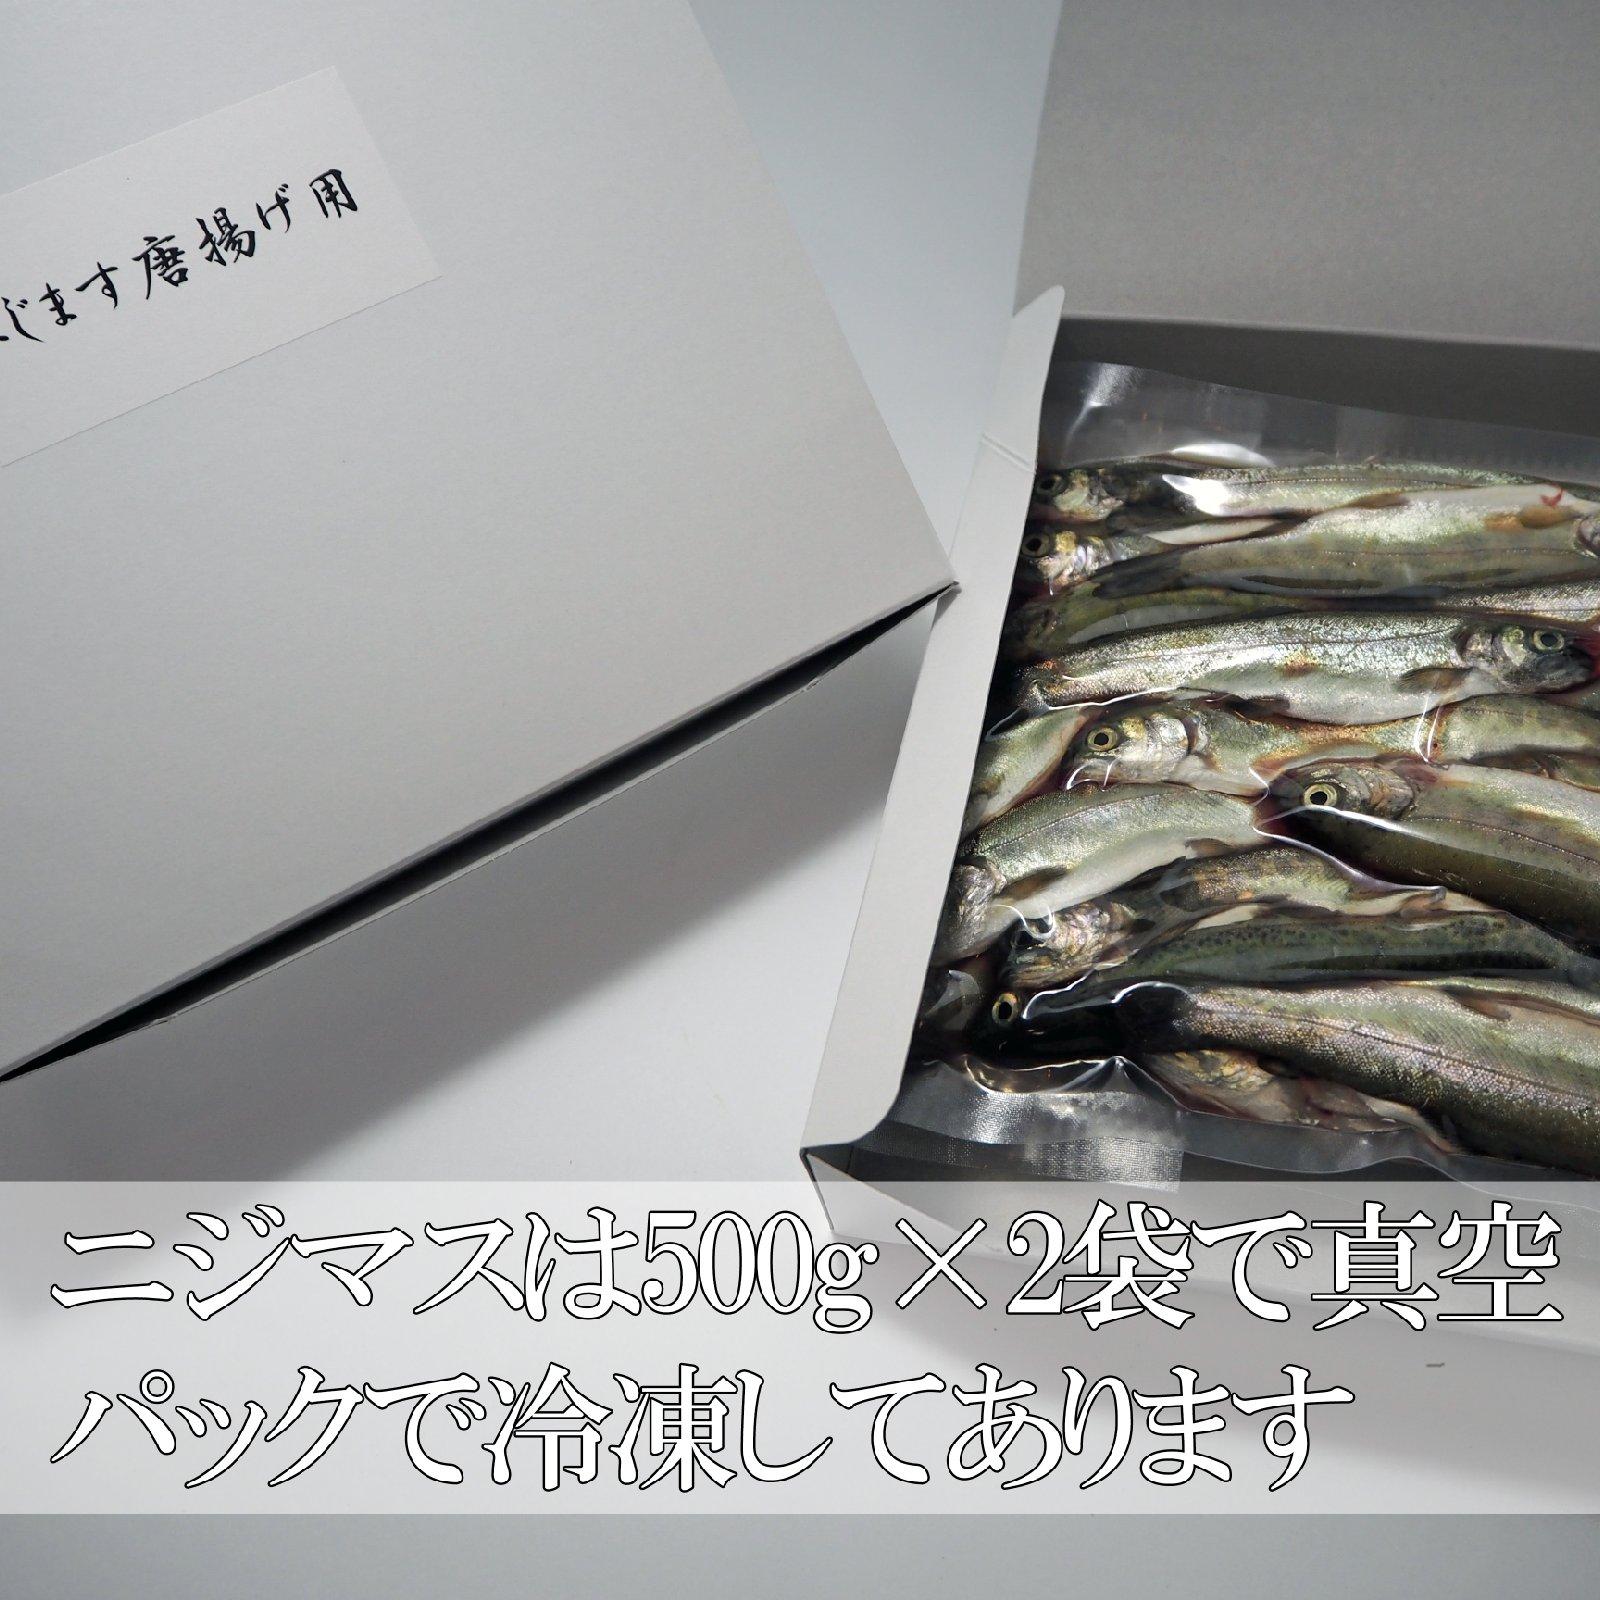 ニジマスの唐揚げ用 1パック(1キロ) 魚介類/その他魚介通販